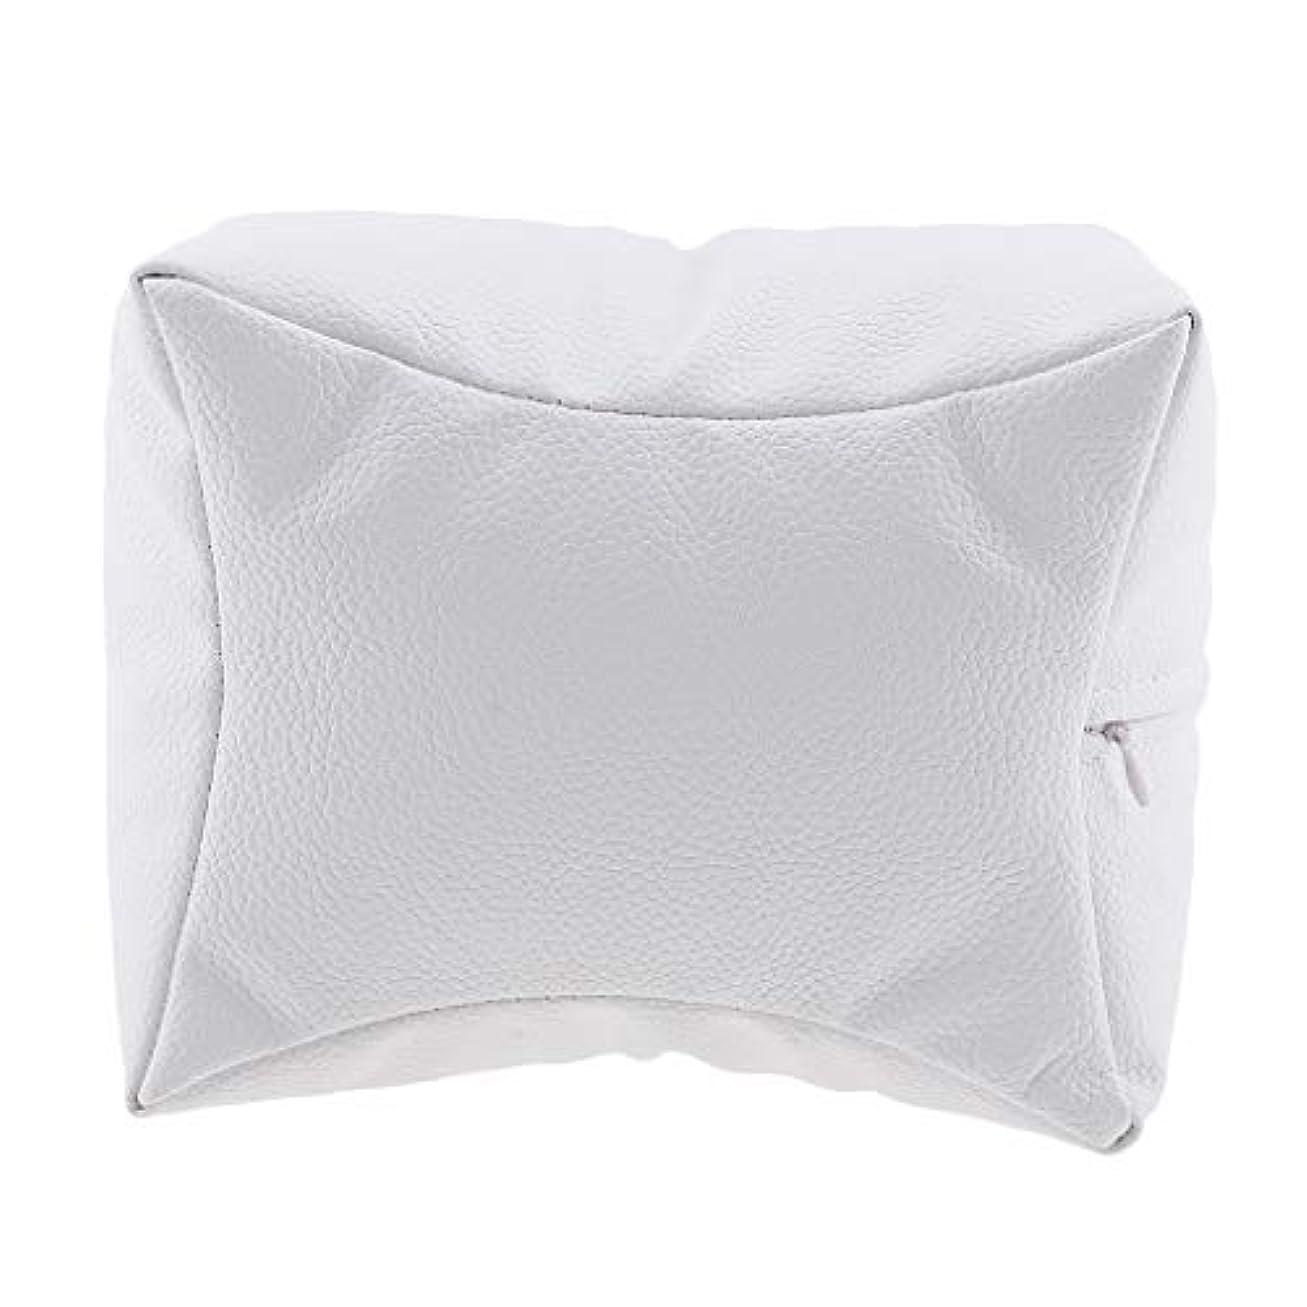 制限日付付き湿ったSharplace ネイルアート 手枕 ハンドピロー レストピロー ハンドクッション ネイルサロン 4色選べ - 白